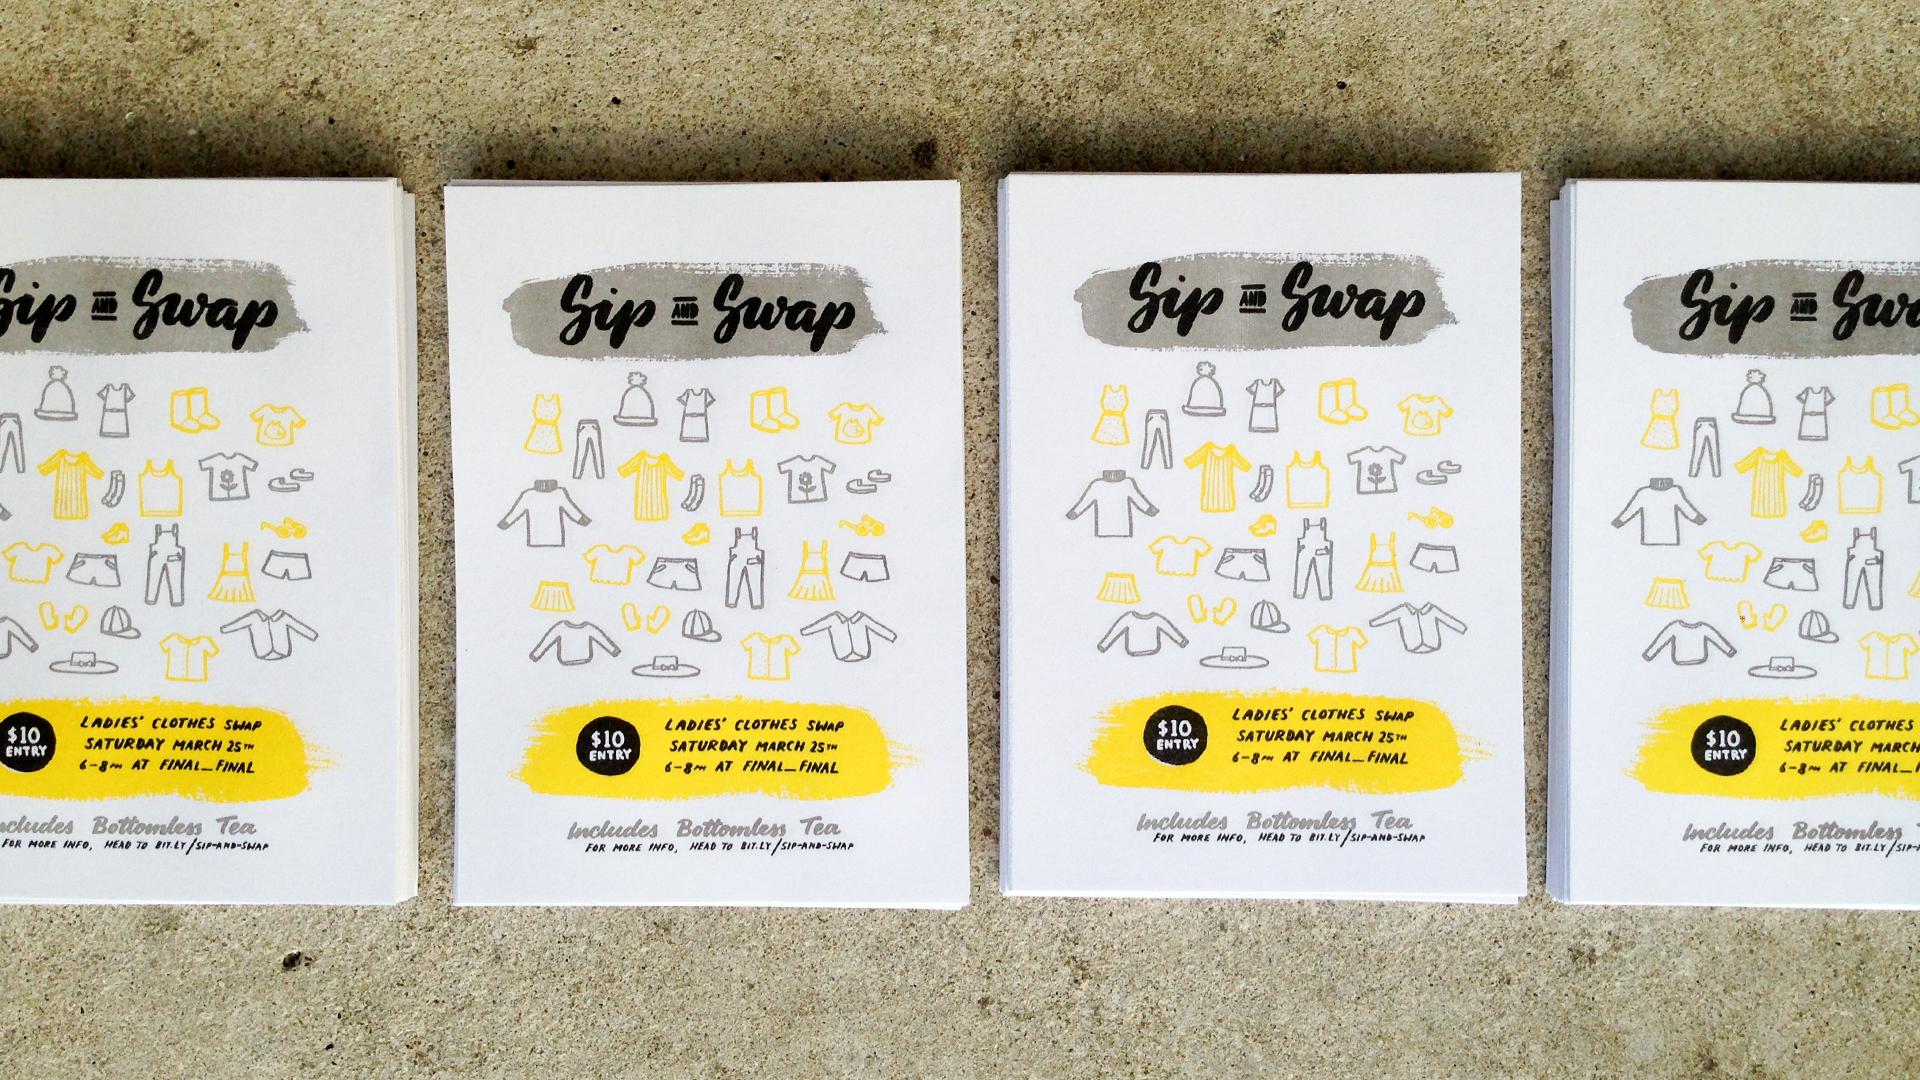 Sip annd Swap Posters8.jpg